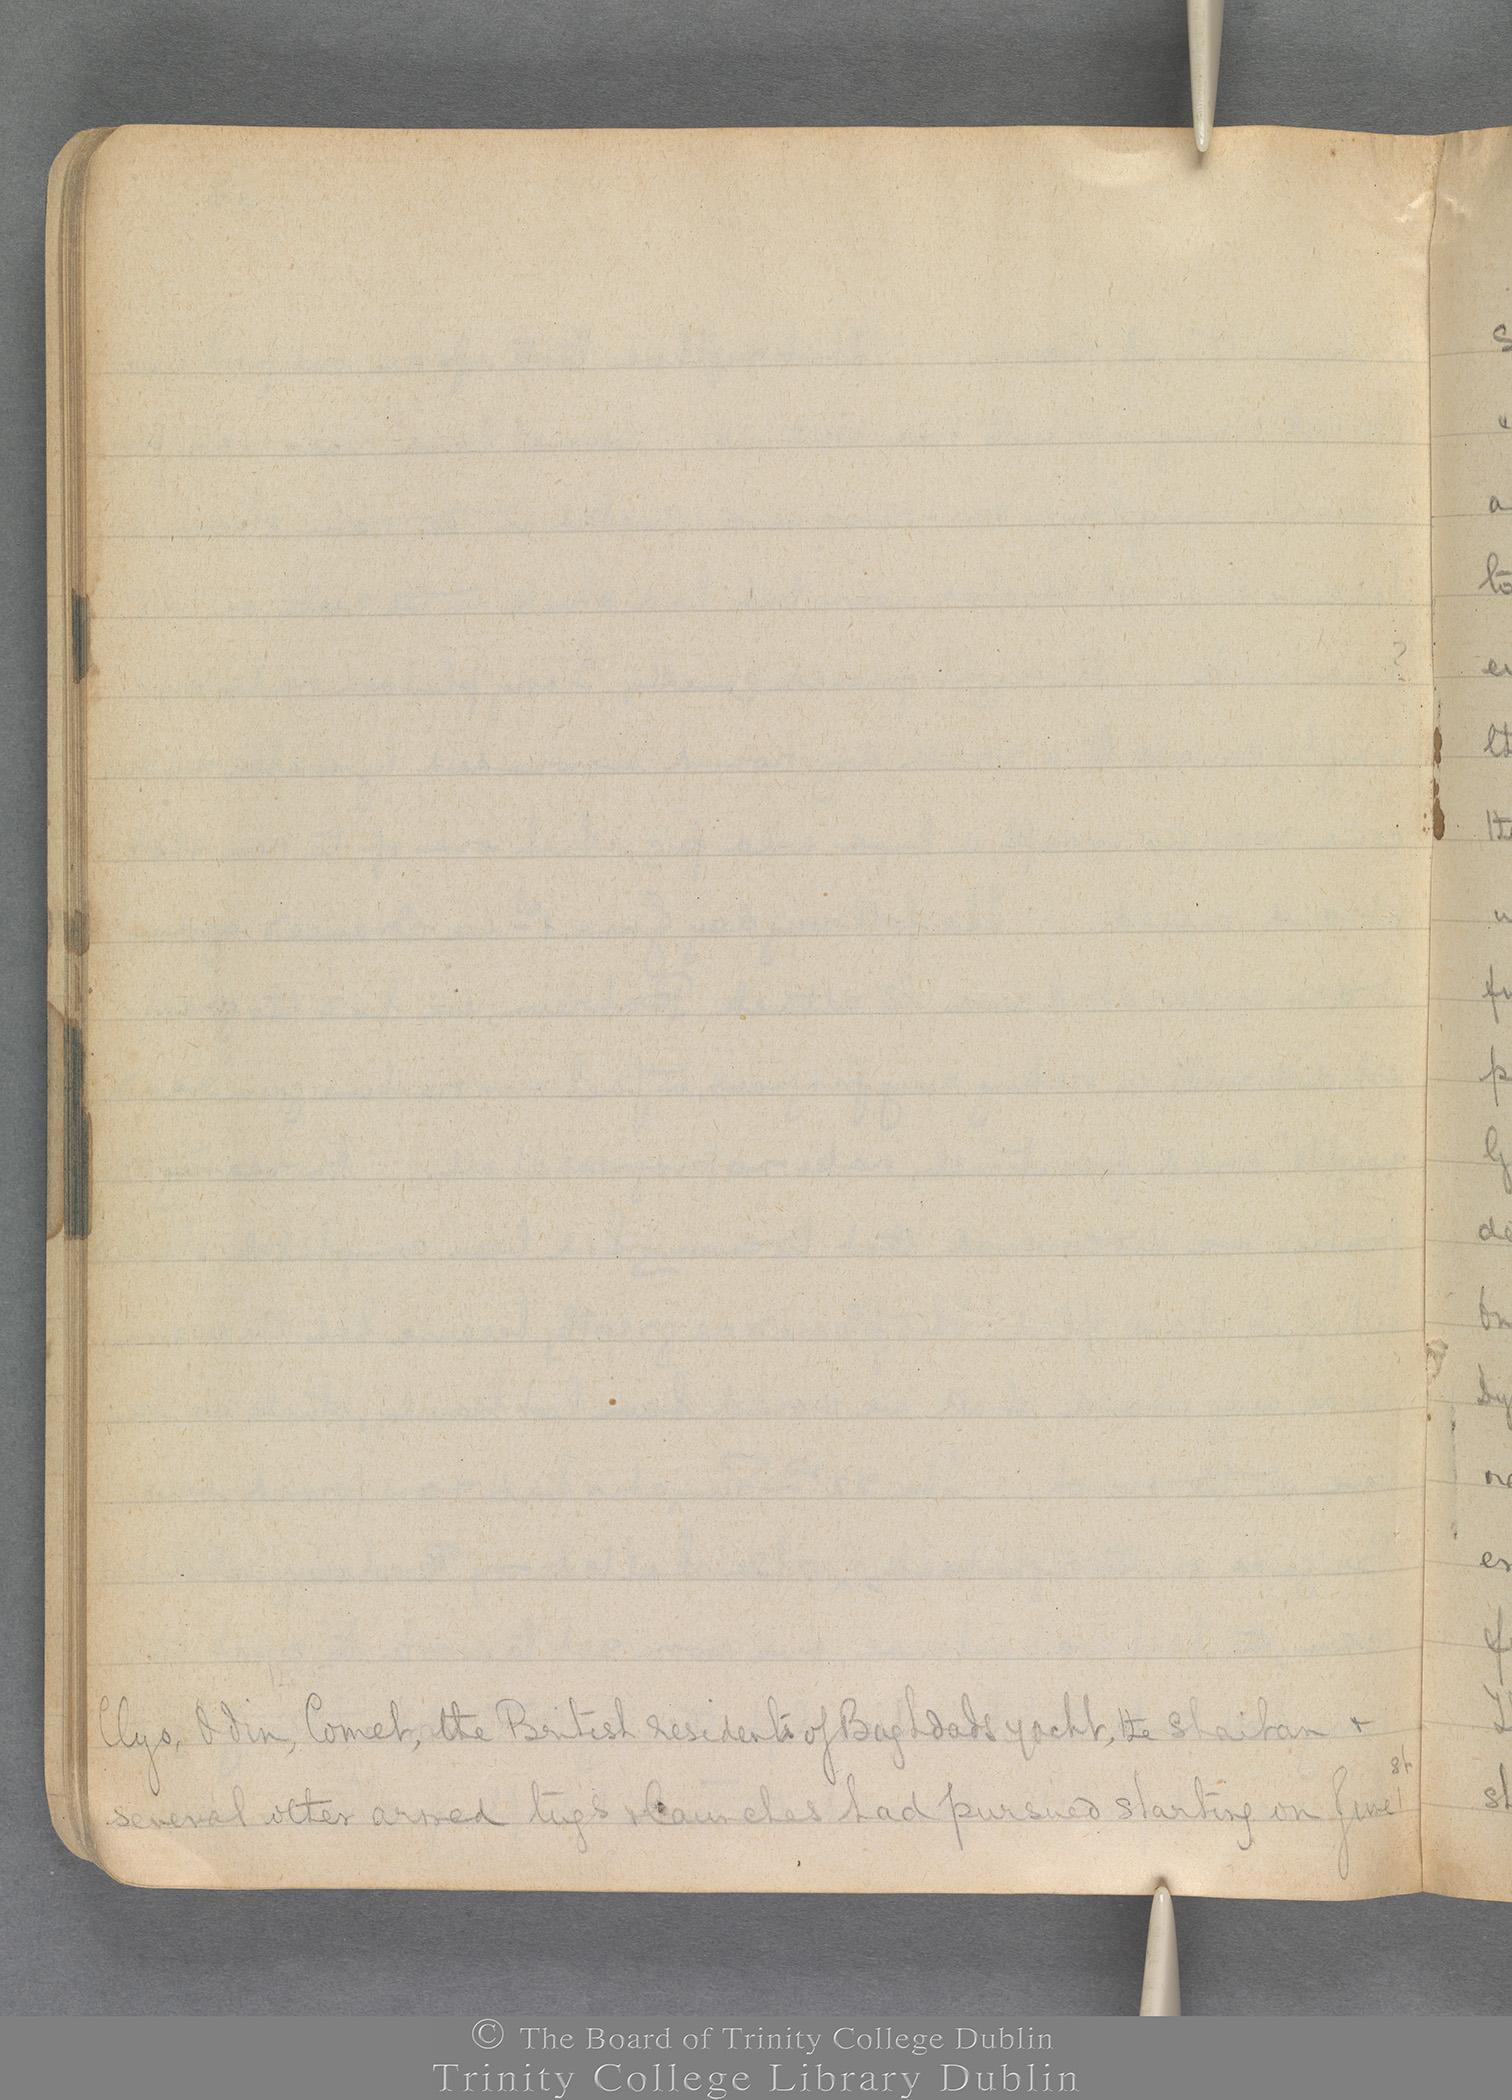 TCD MS 3414 folio 23 verso